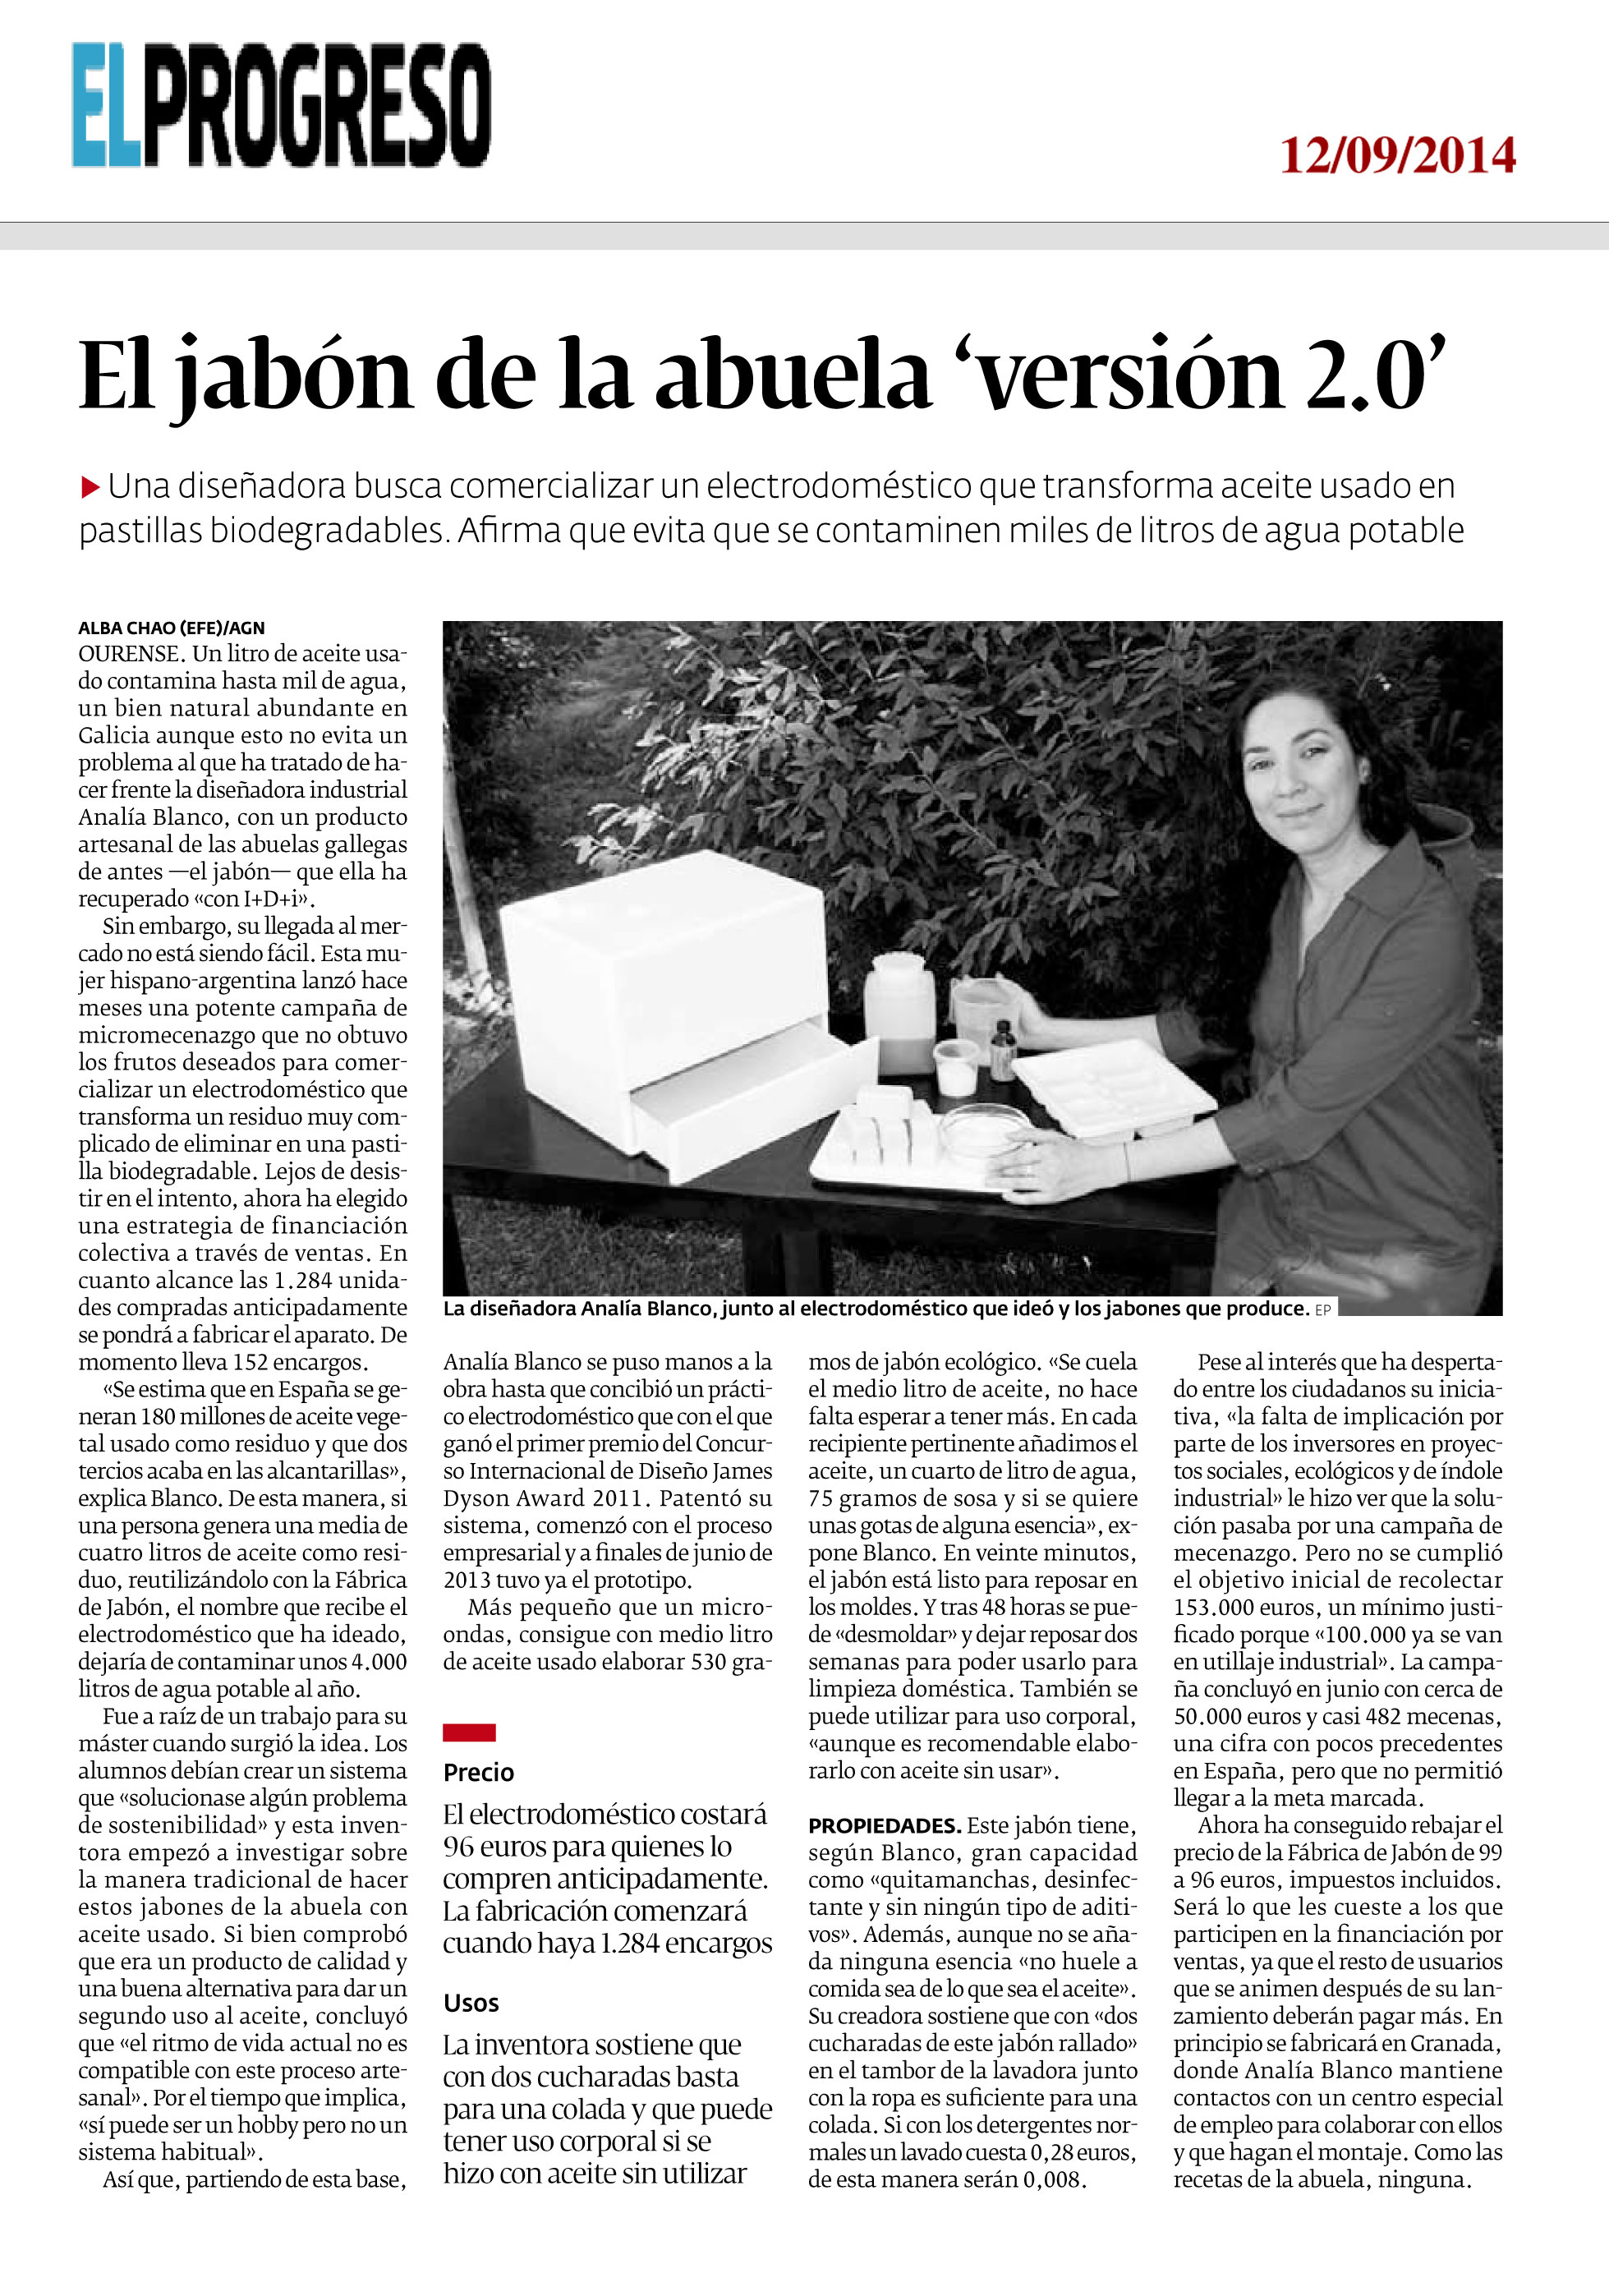 Publicación en periodico EL PROGRESO